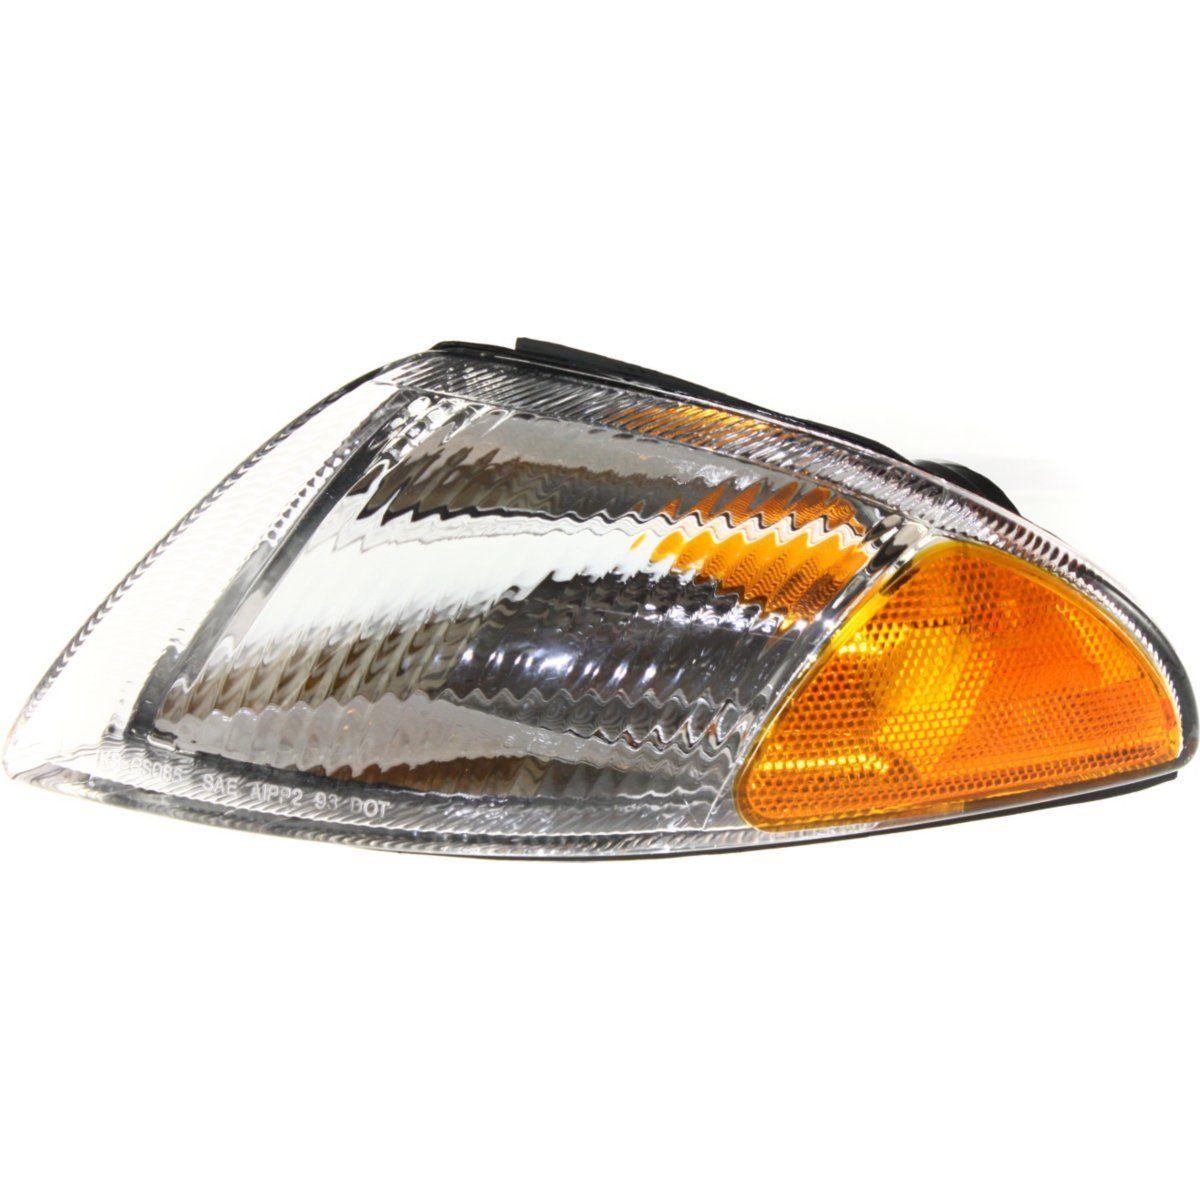 コーナーライト Corner Light For 95-97 Dodge Intrepid Driver Side Incandescent 95-97 Dodge Intrepidドライバーサイド白熱灯のコーナーライト